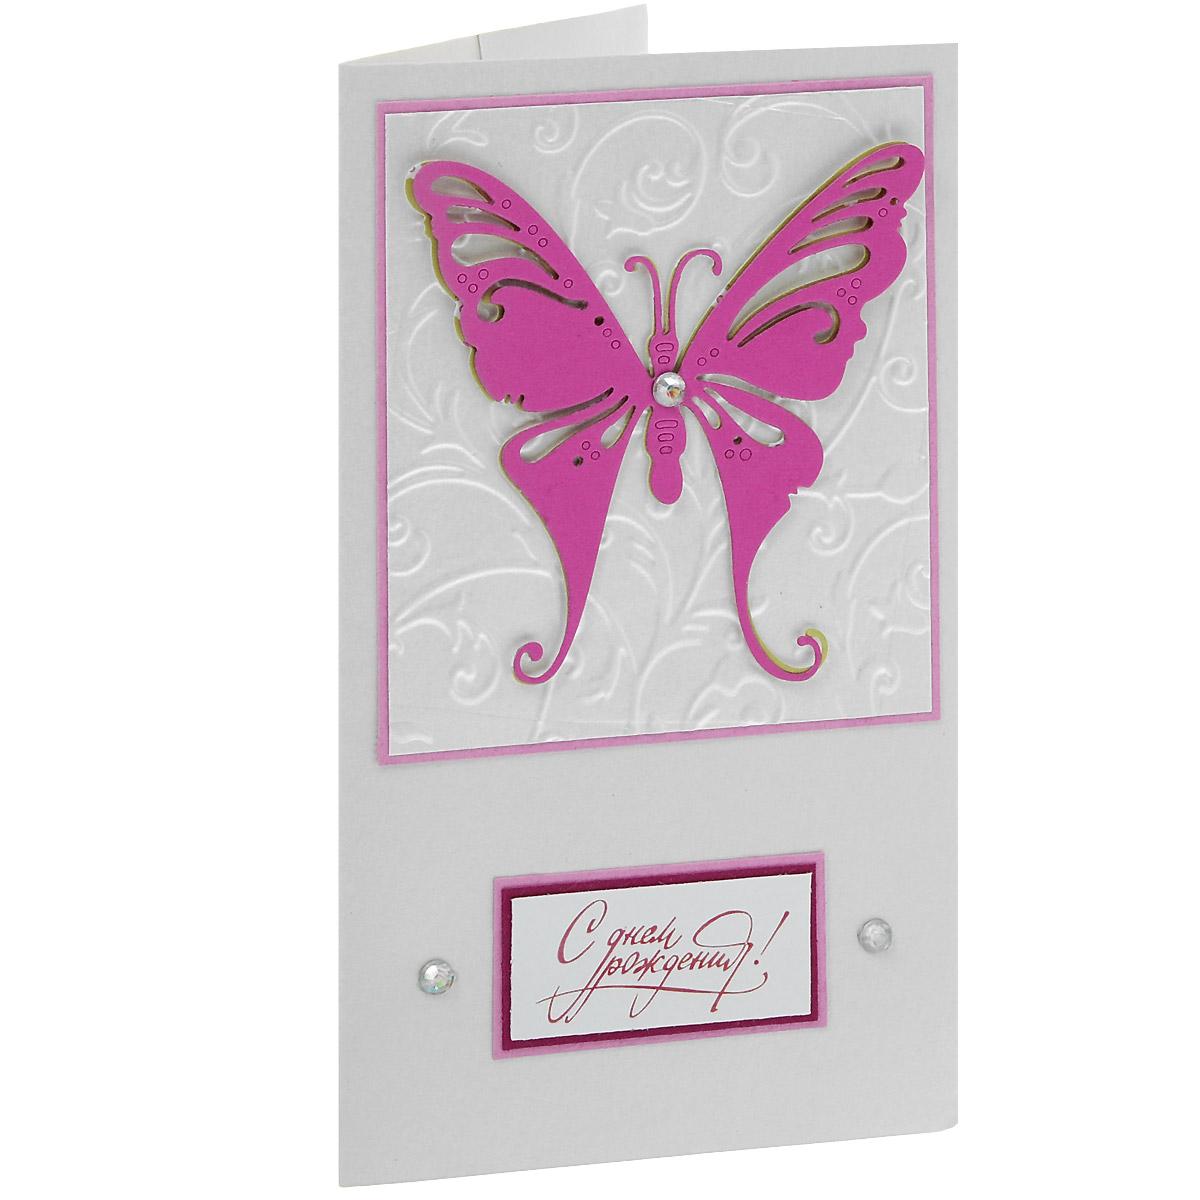 ОЖ-0026 Открытка-конверт «С Днём Рождения» (большая бабочка). Студия «Тётя Роза»94978Характеристики: Размер 19 см x 11 см.Материал: Высоко-художественный картон, бумага, декор. Данная открытка может стать как прекрасным дополнением к вашему подарку, так и самостоятельным подарком. Так как открытка является и конвертом, в который вы можете вложить ваш денежный подарок или просто написать ваши пожелания на вкладыше. Яркая, двухслойная бабочка, раскинувшаяся своими гигантскими крыльями по всей поверхности открытки, задала этому поздравлению яркий и очень эффектный образ, невзирая на чисто-белый фон основного поля открытки. Надпись обрамлена сверкающими стразами, что придает дизайну еще больше выразительности. Также открытка упакована в пакетик для сохранности.Обращаем Ваше внимание на то, что открытка может незначительно отличаться от представленной на фото.Открытки ручной работы от студии Тётя Роза отличаются своим неповторимым и ярким стилем. Каждая уникальна и выполнена вручную мастерами студии. (Открытка для мужчин, открытка для женщины, открытка на день рождения, открытка с днем свадьбы, открытка винтаж, открытка с юбилеем, открытка на все случаи, скрапбукинг)